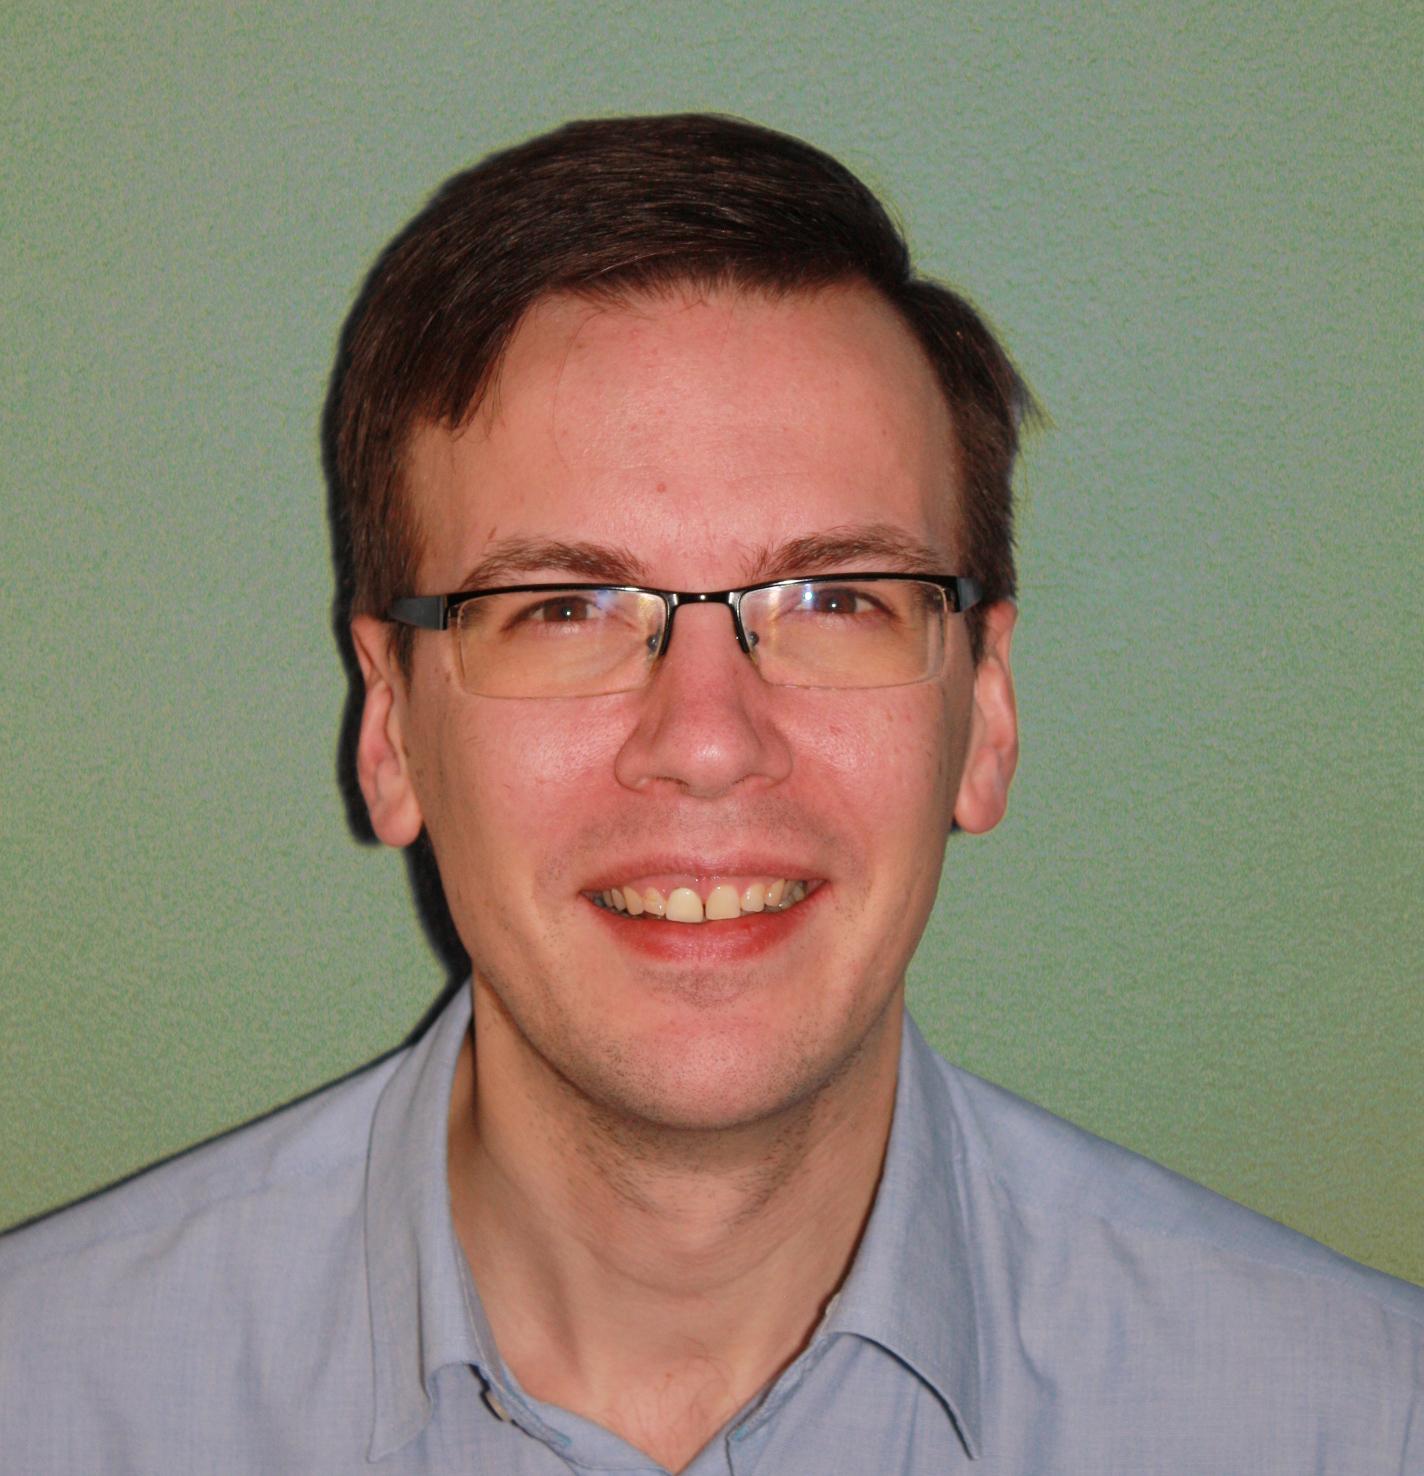 Robert van den Berg, MD, PhD